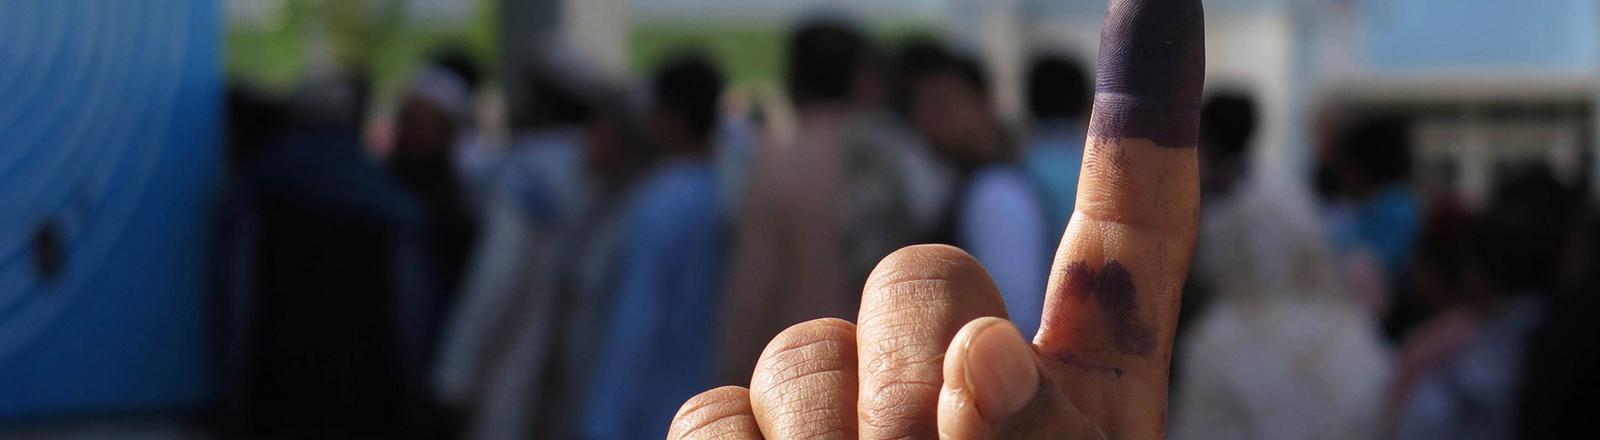 Eine Hand mit ausgestrecktem Zeigefinger wird in die Luft gehalten, der Finger ist blau eingefärbt. Im Hintergrund stehen Männer in einer Reihe. Bild: dpa